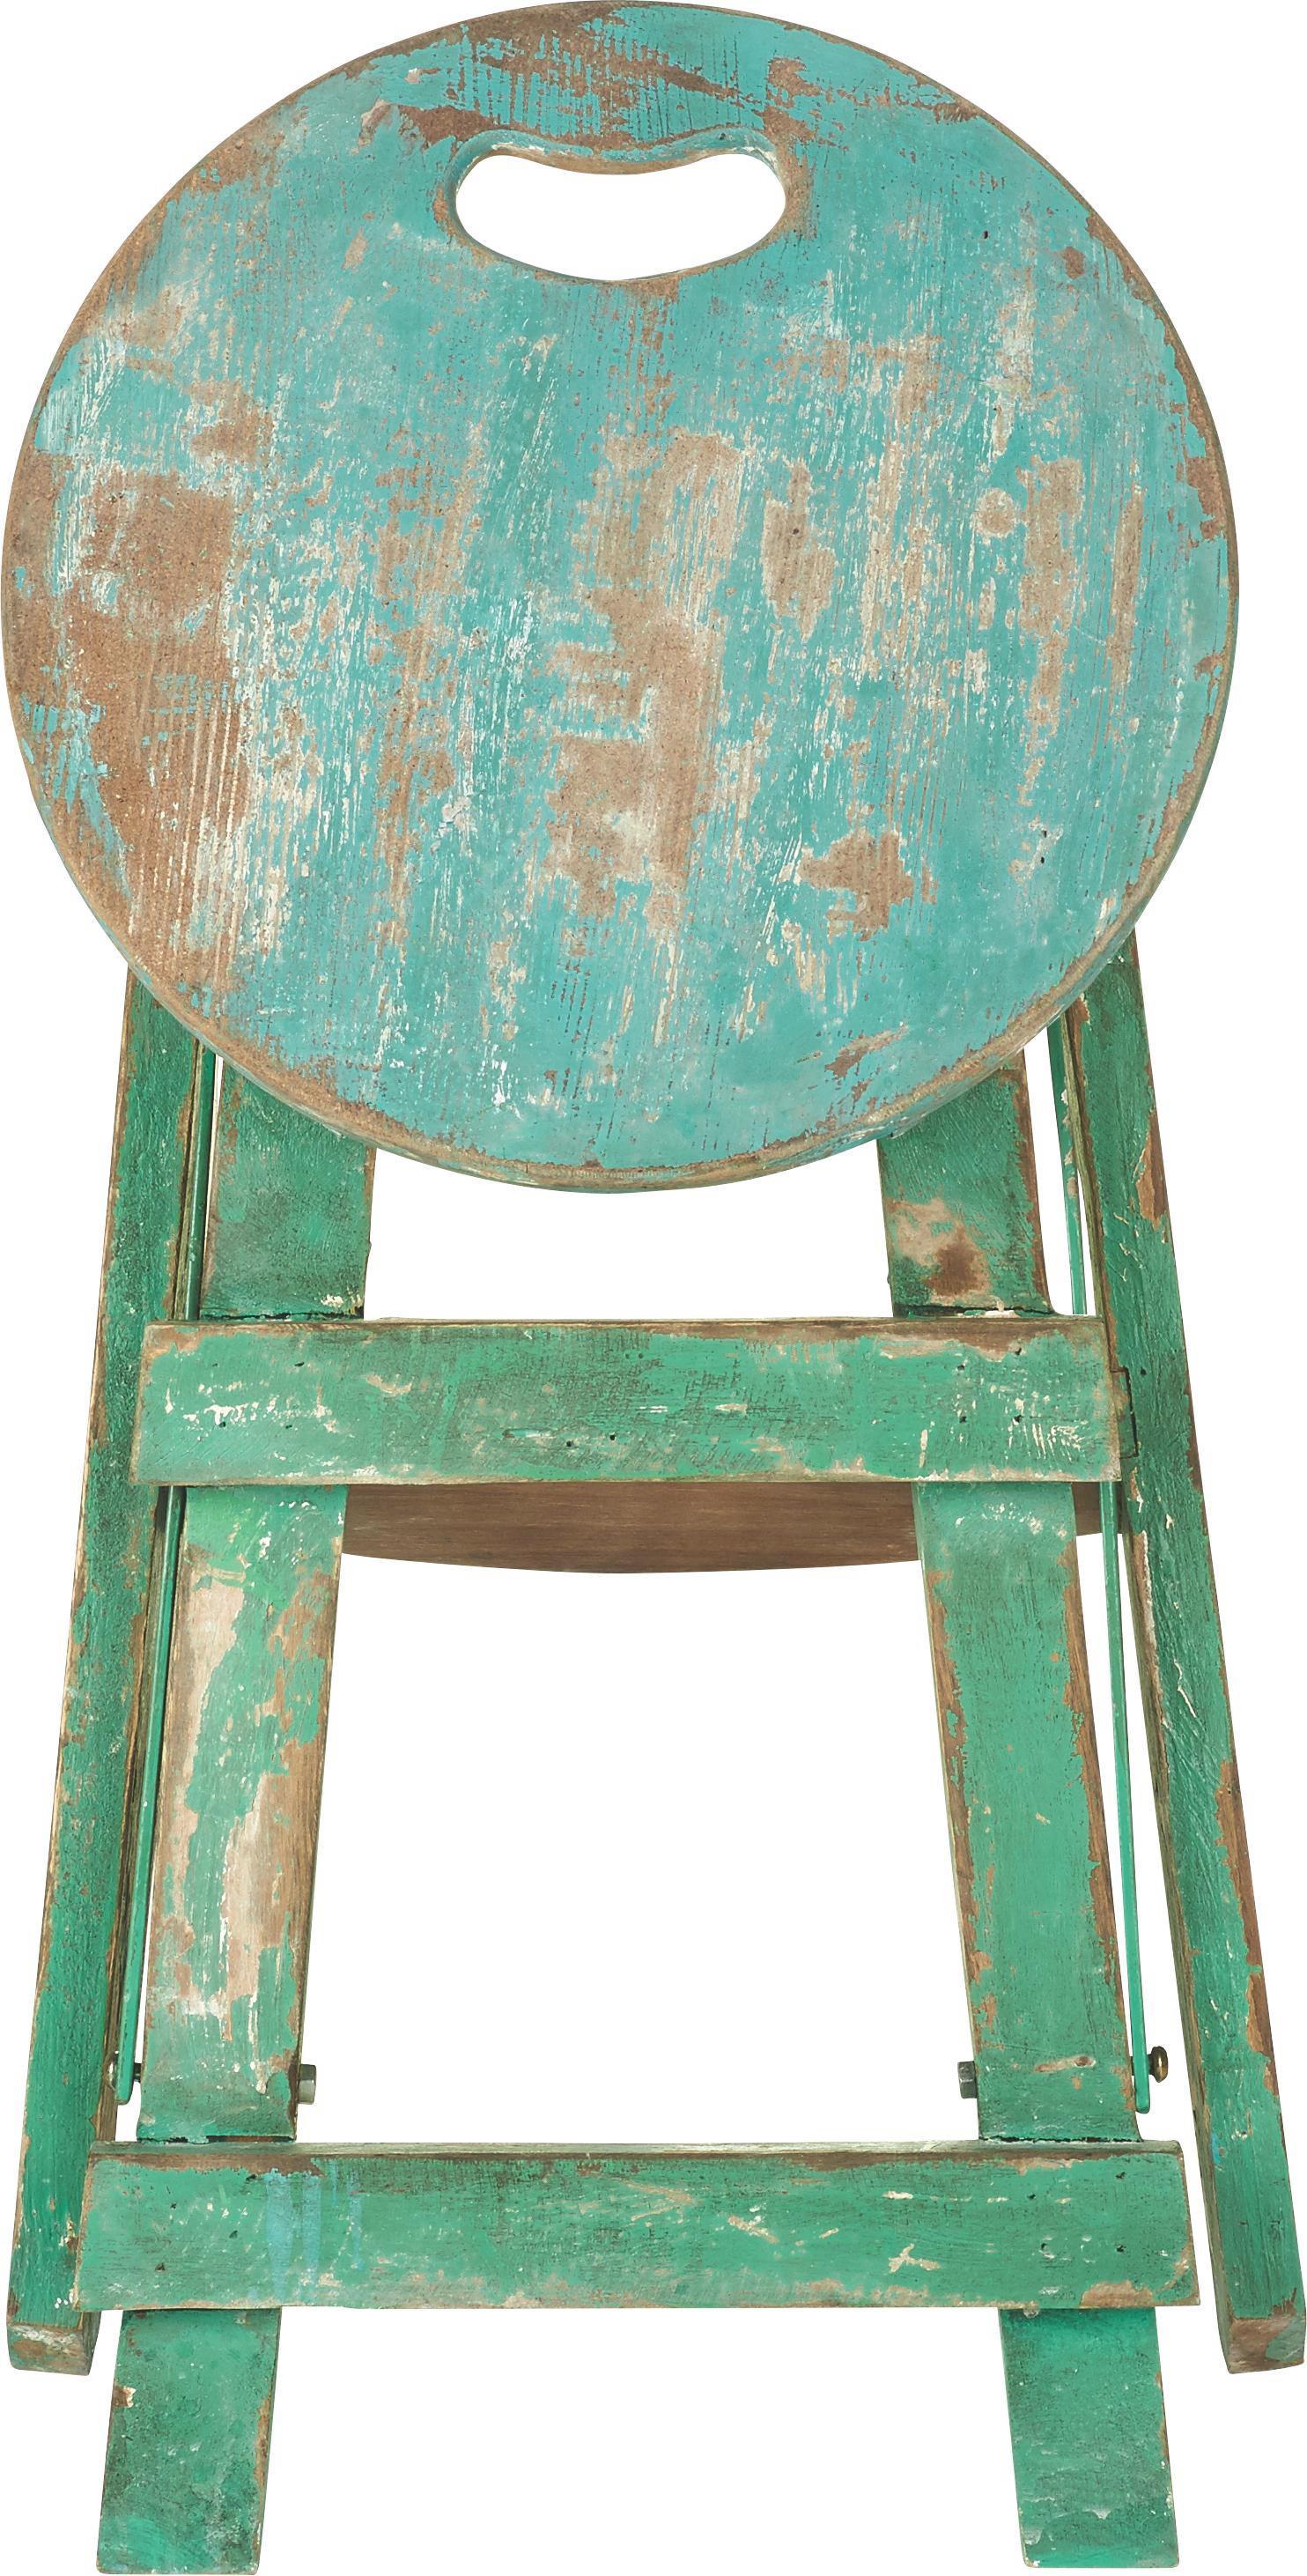 ÖSSZECSUKHATÓ ÜLŐKE STEP  -SB- - világoszöld/kék, Lifestyle, fa/faanyagok (30/30/43cm) - premium living